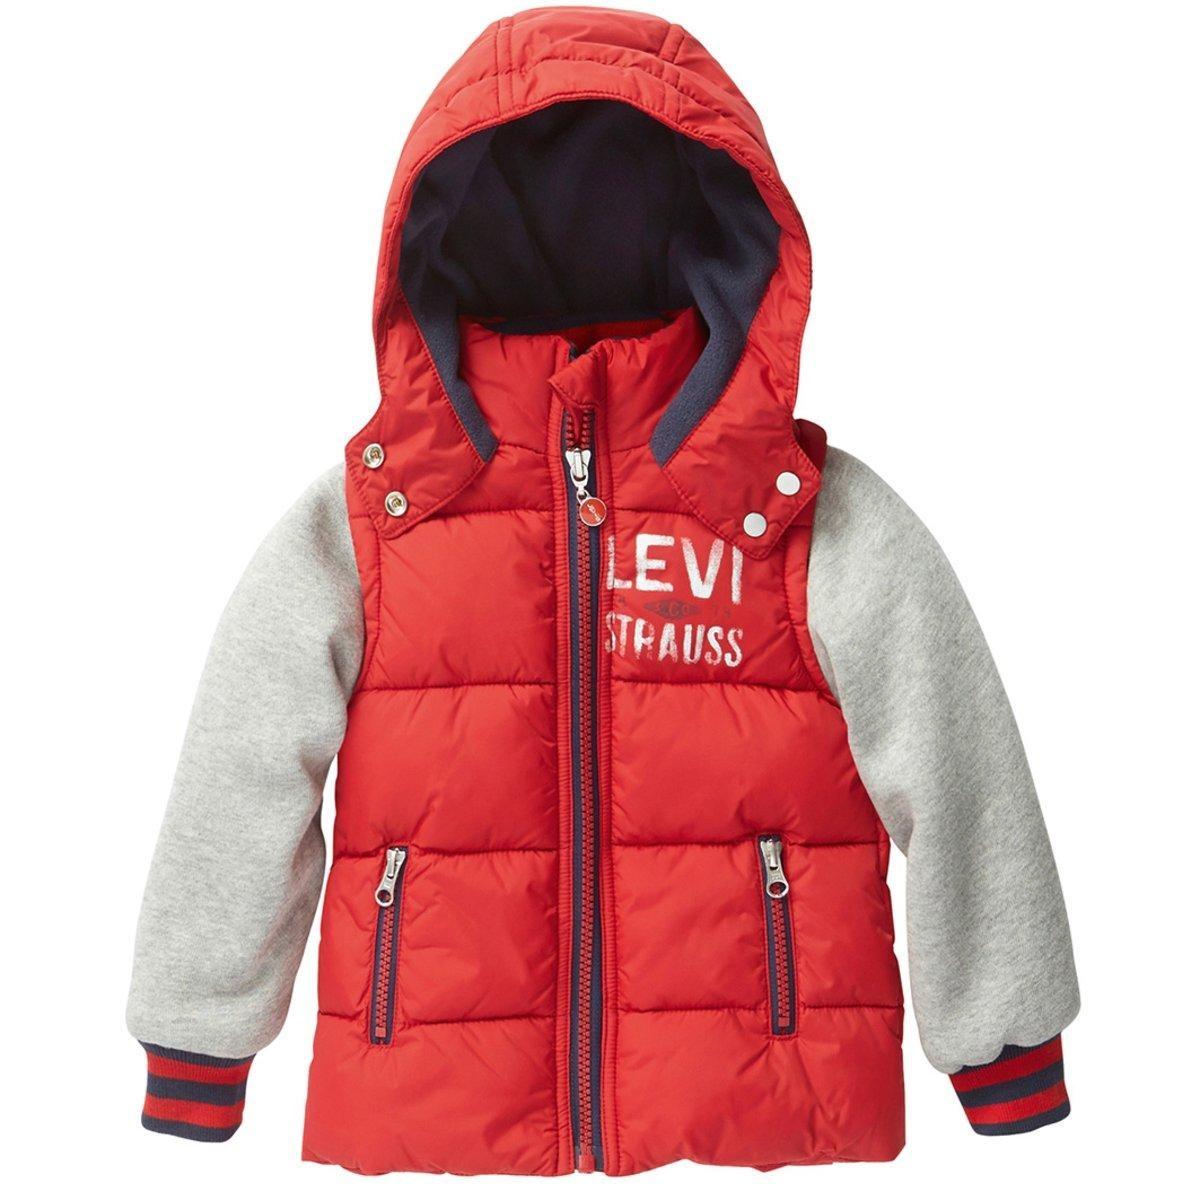 Manteau à capuche, esprit doudoune, doublé polaire Levi's | La